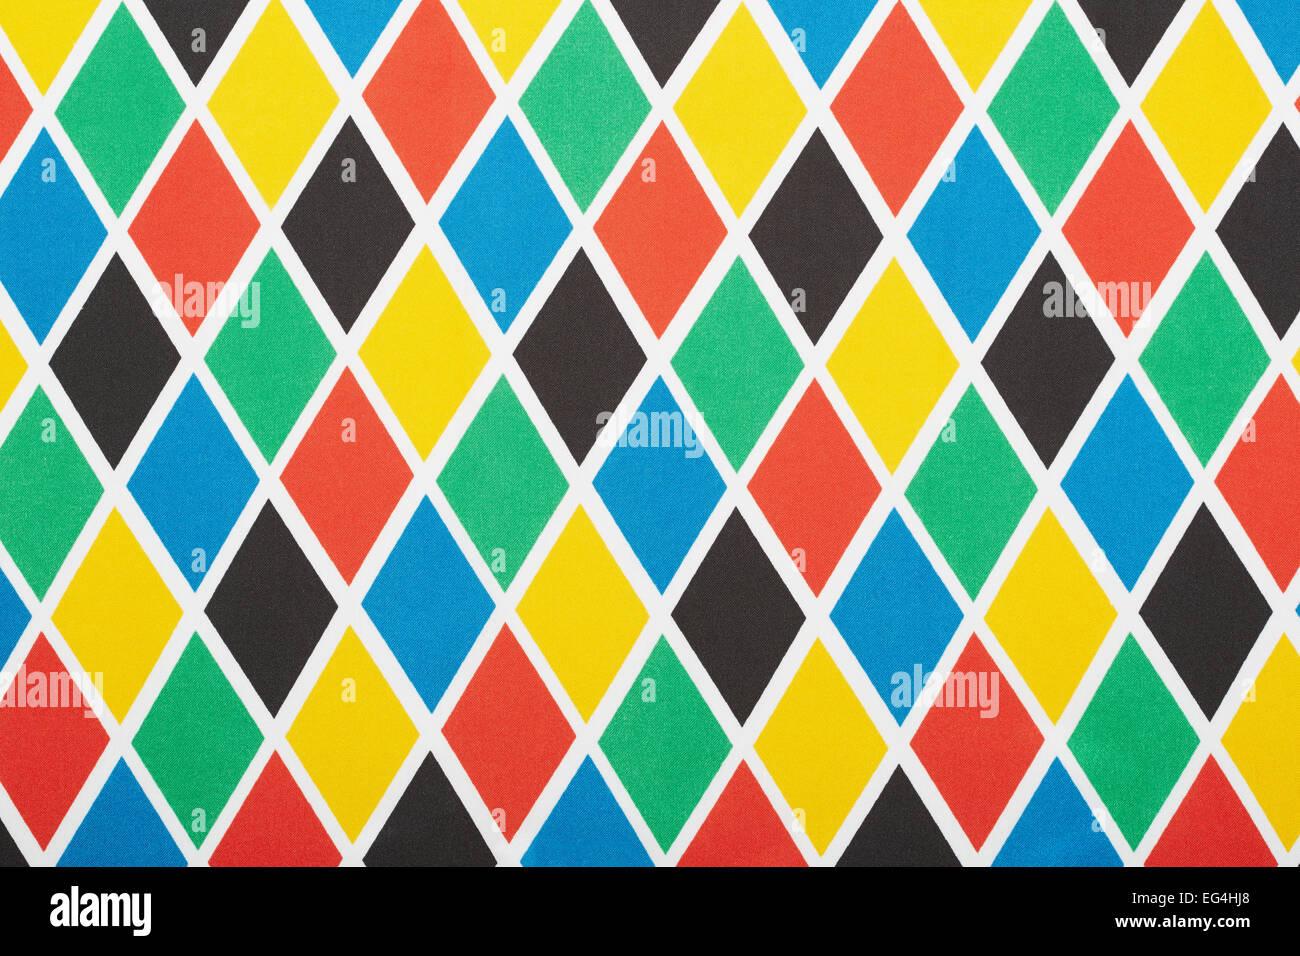 Harlekin bunte Rautenmuster, Textur-Hintergrund Stockbild